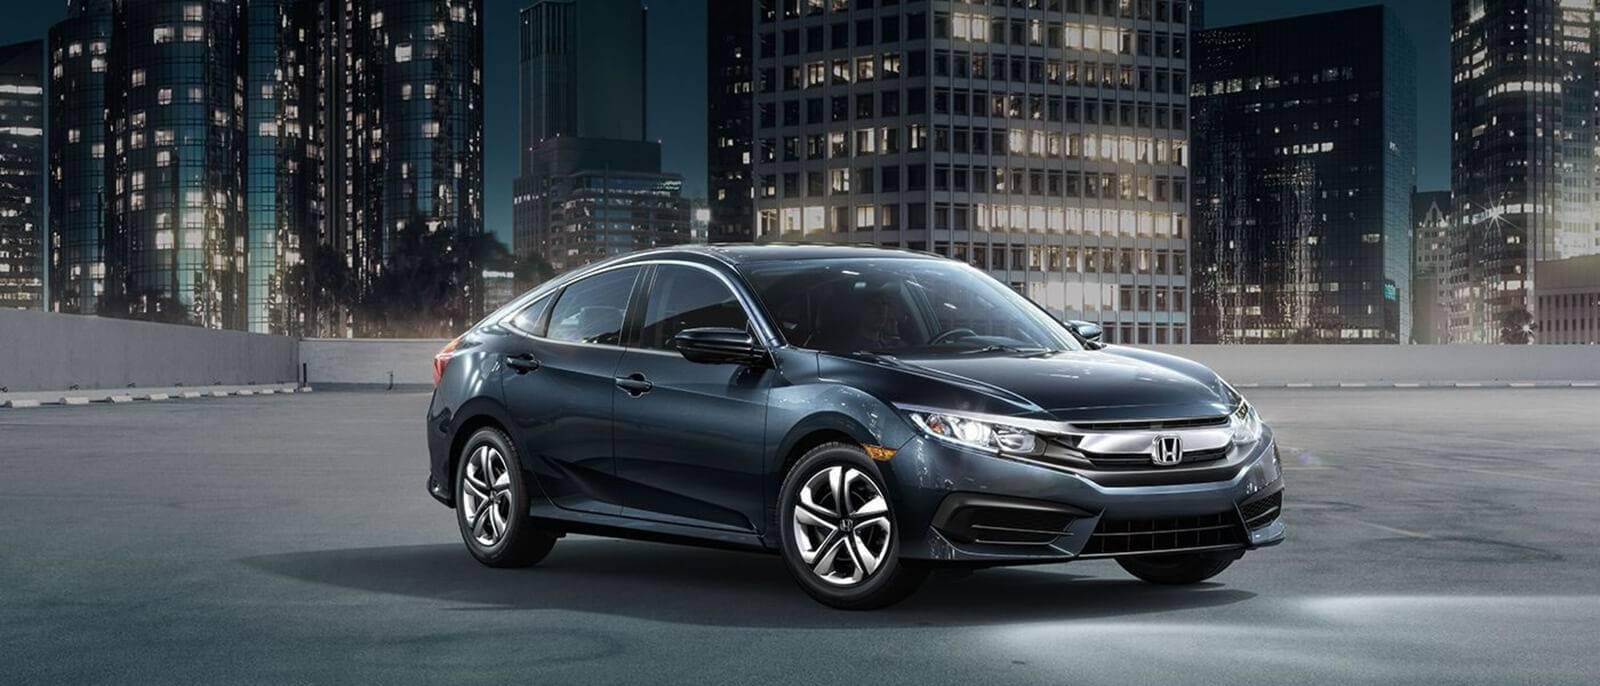 2017 Honda Civic Parked